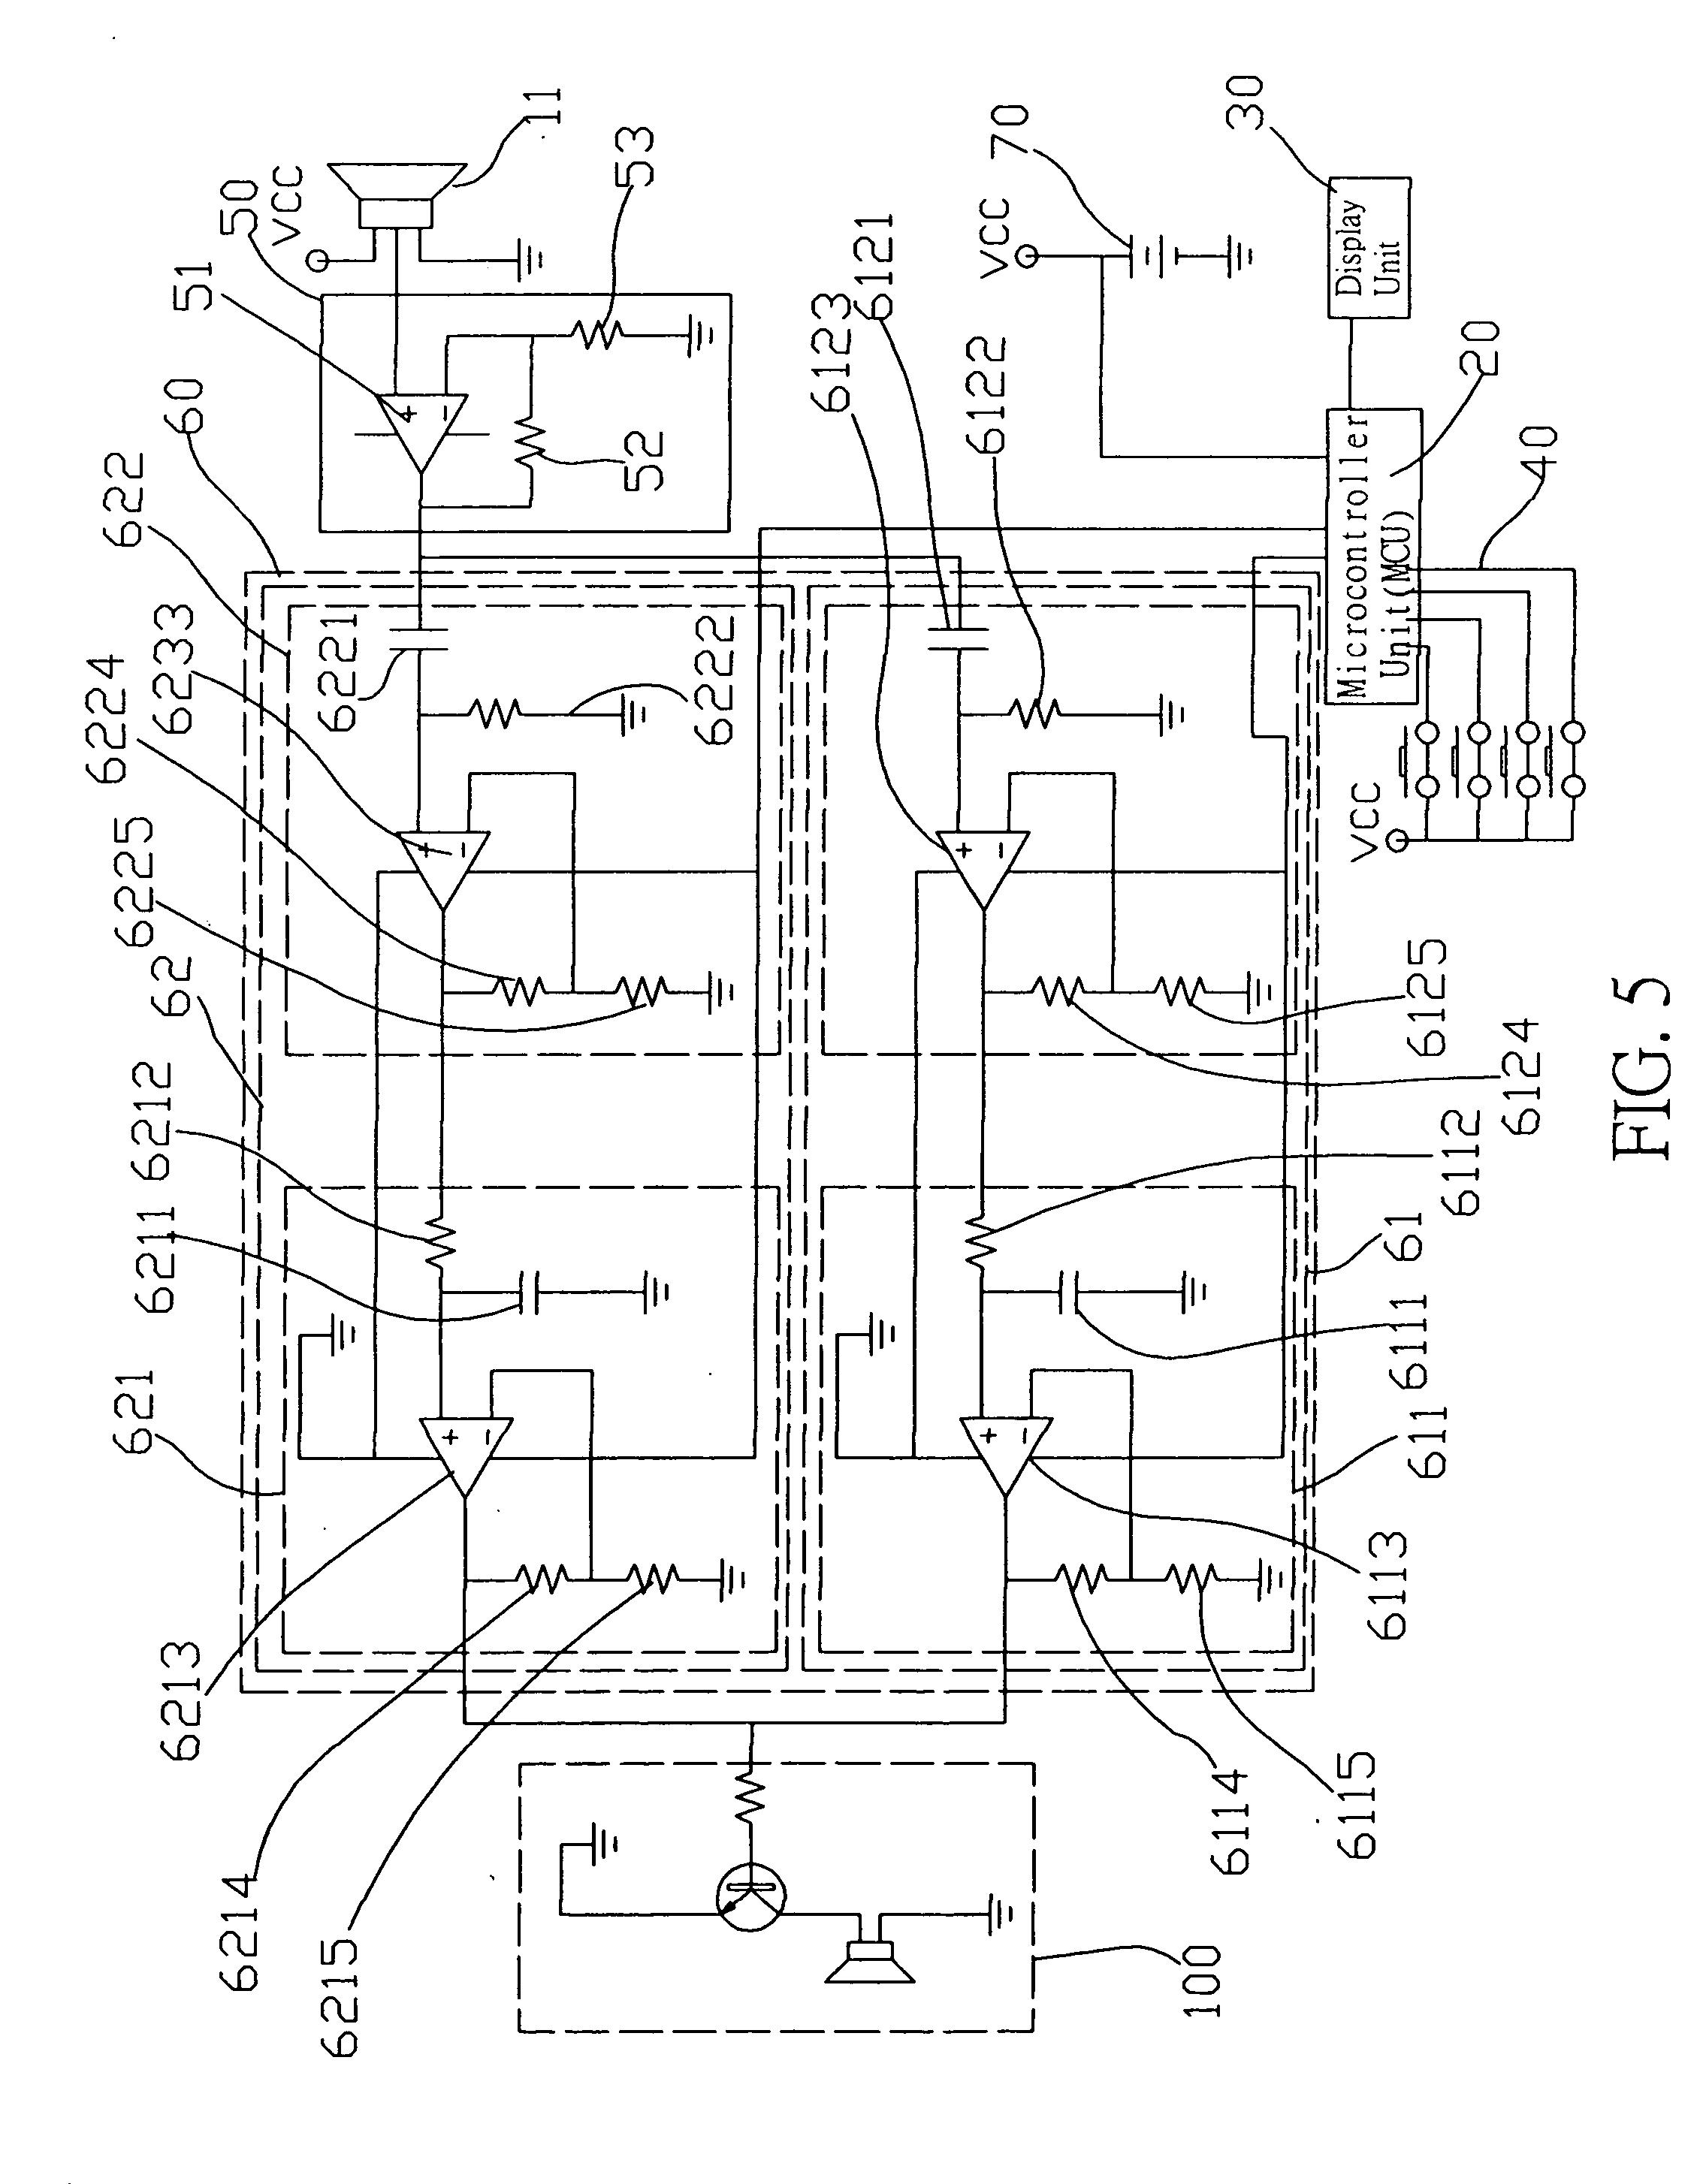 patent us20050157888